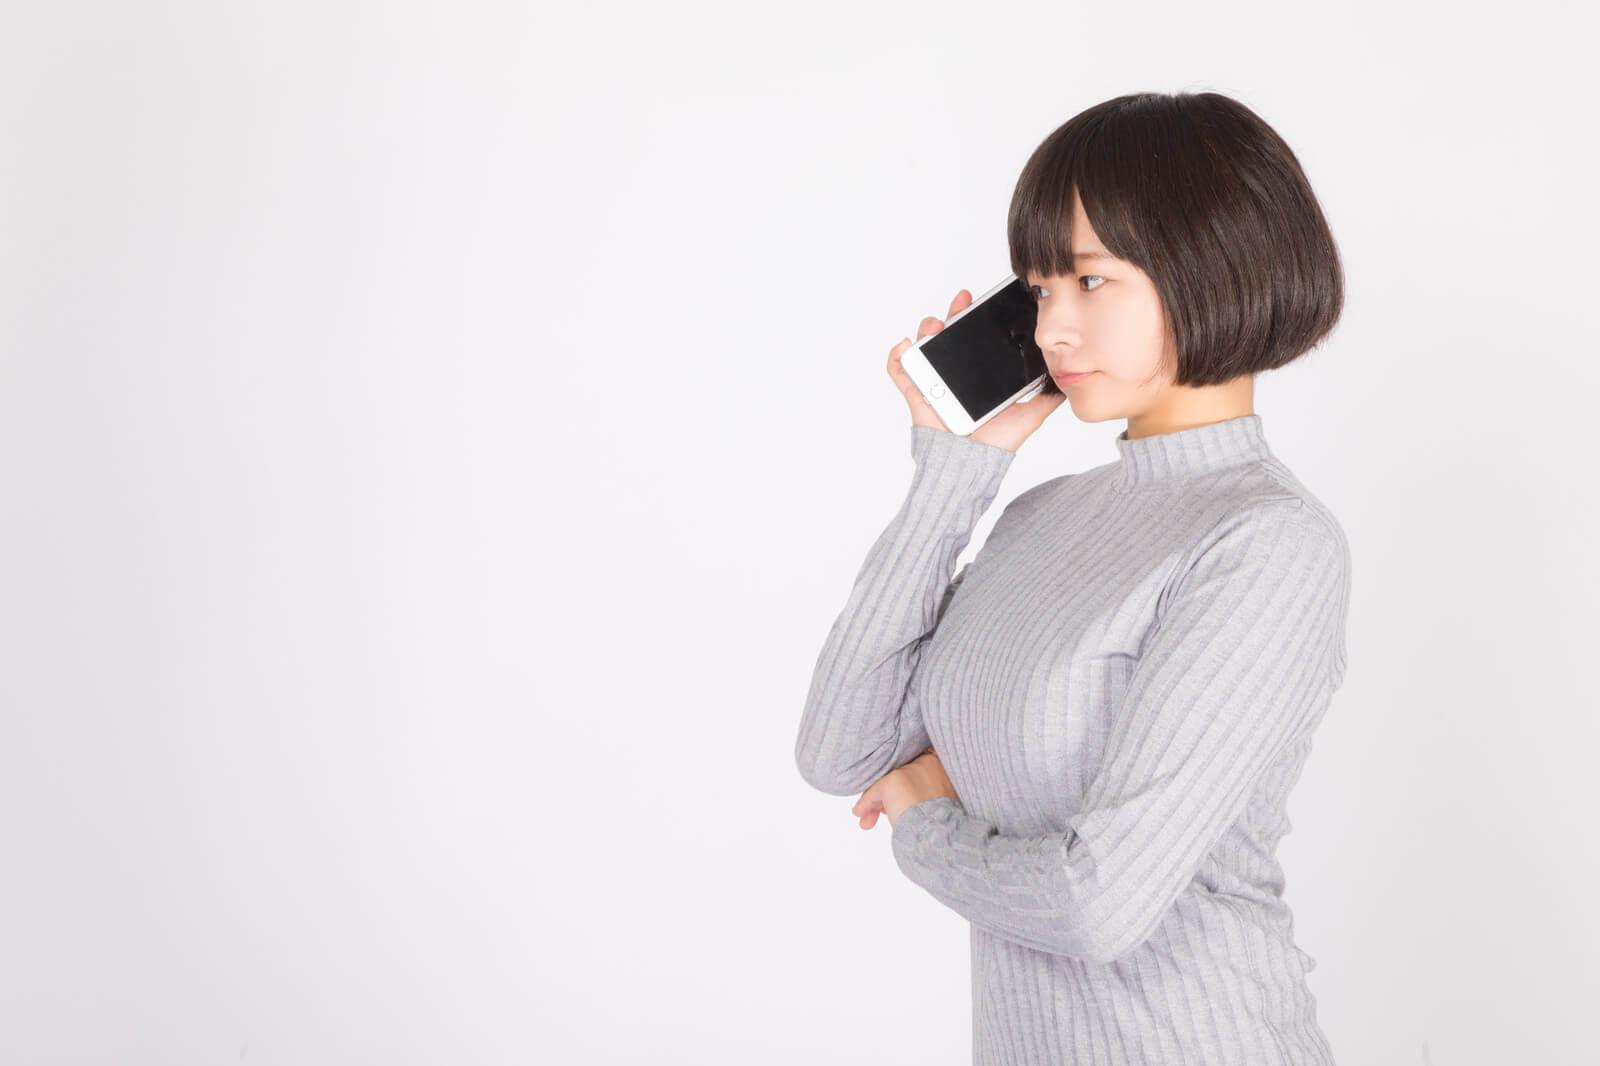 auでMNP(ナンバーポータビリティ)の予約番号を取得するために電話する女性